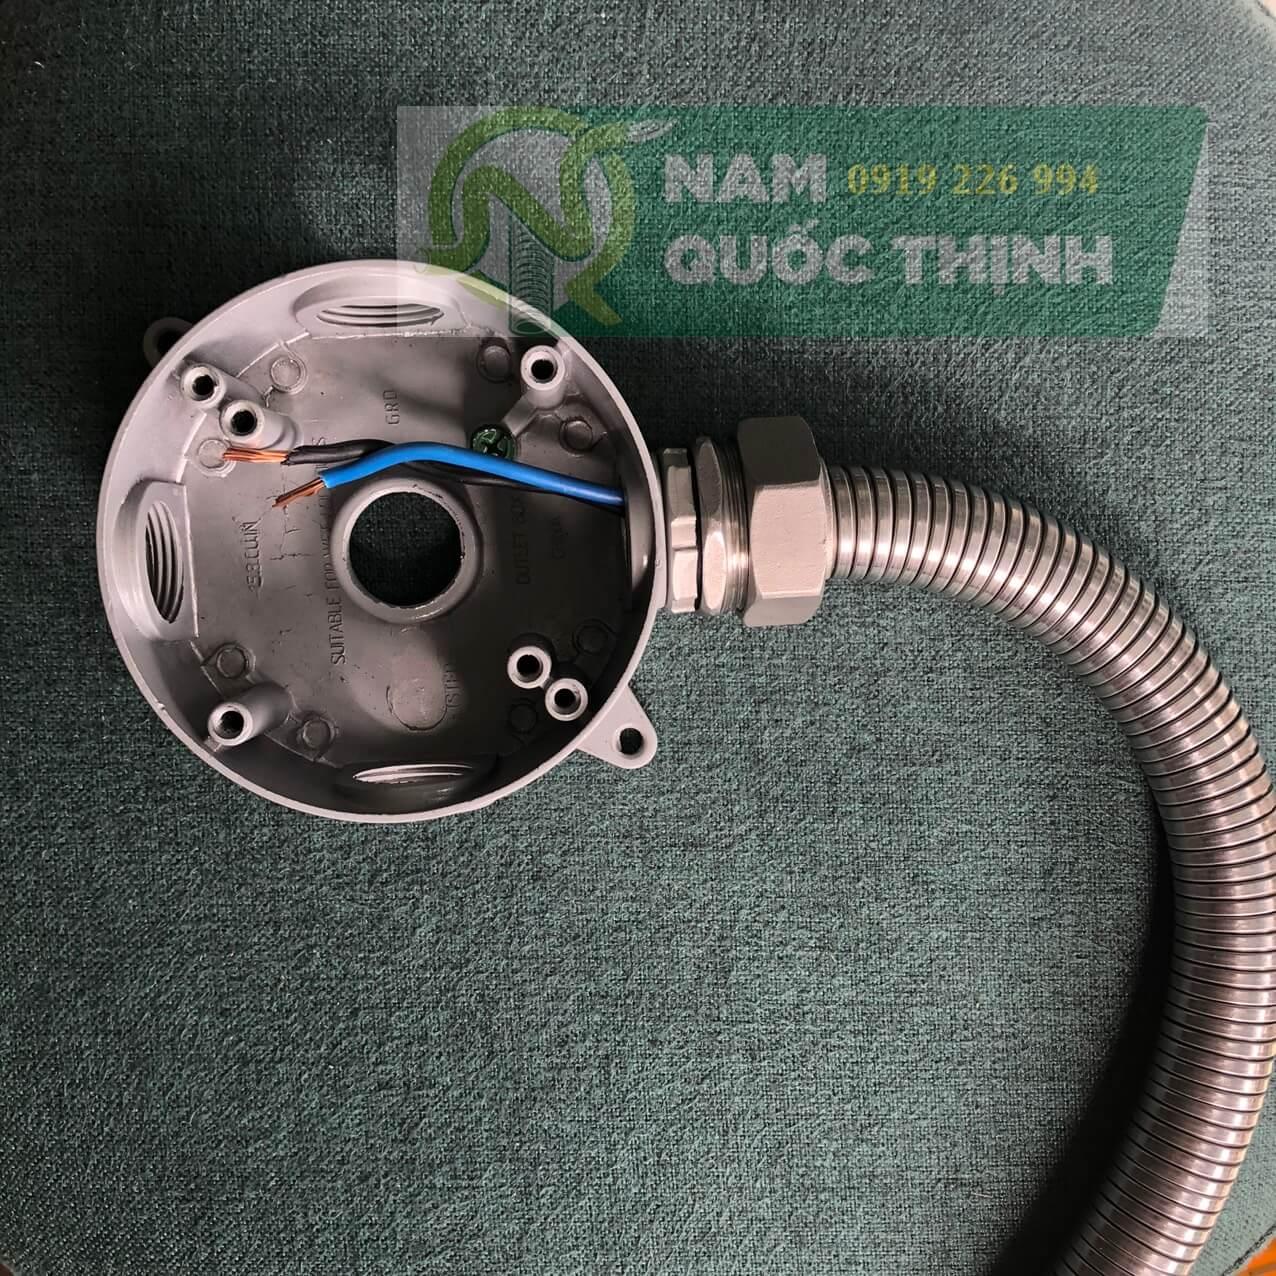 Đầu nối ống ruột gà kín nước inox 304 vào hộp nối tròn